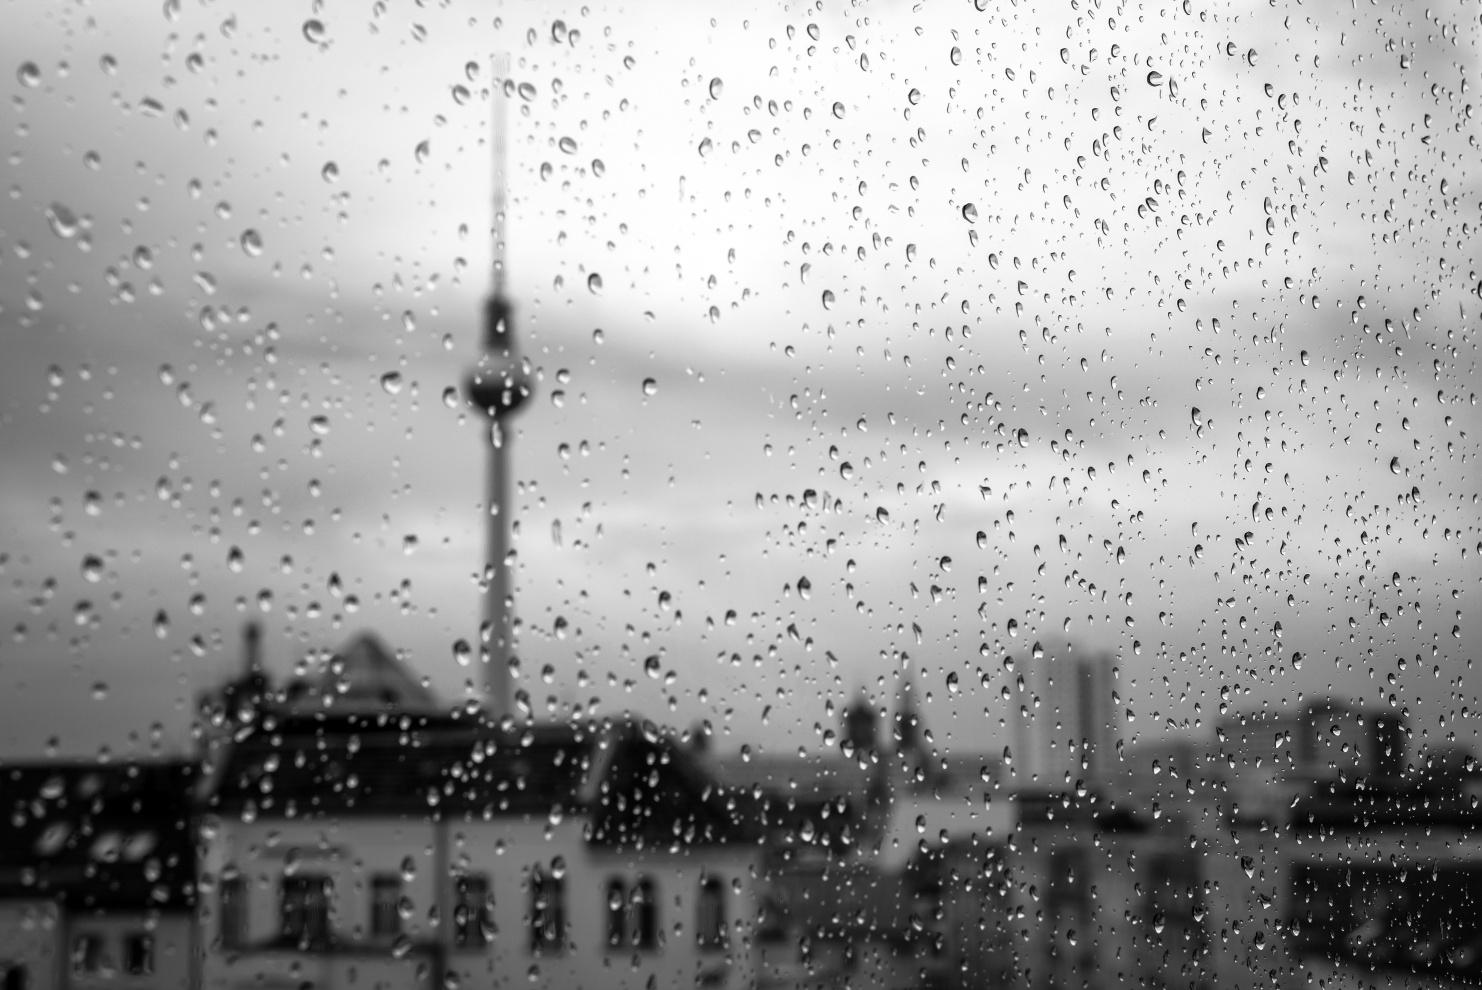 Alexanderplatz Fernsehturm im Regen © Ghost Presenter on Unsplash